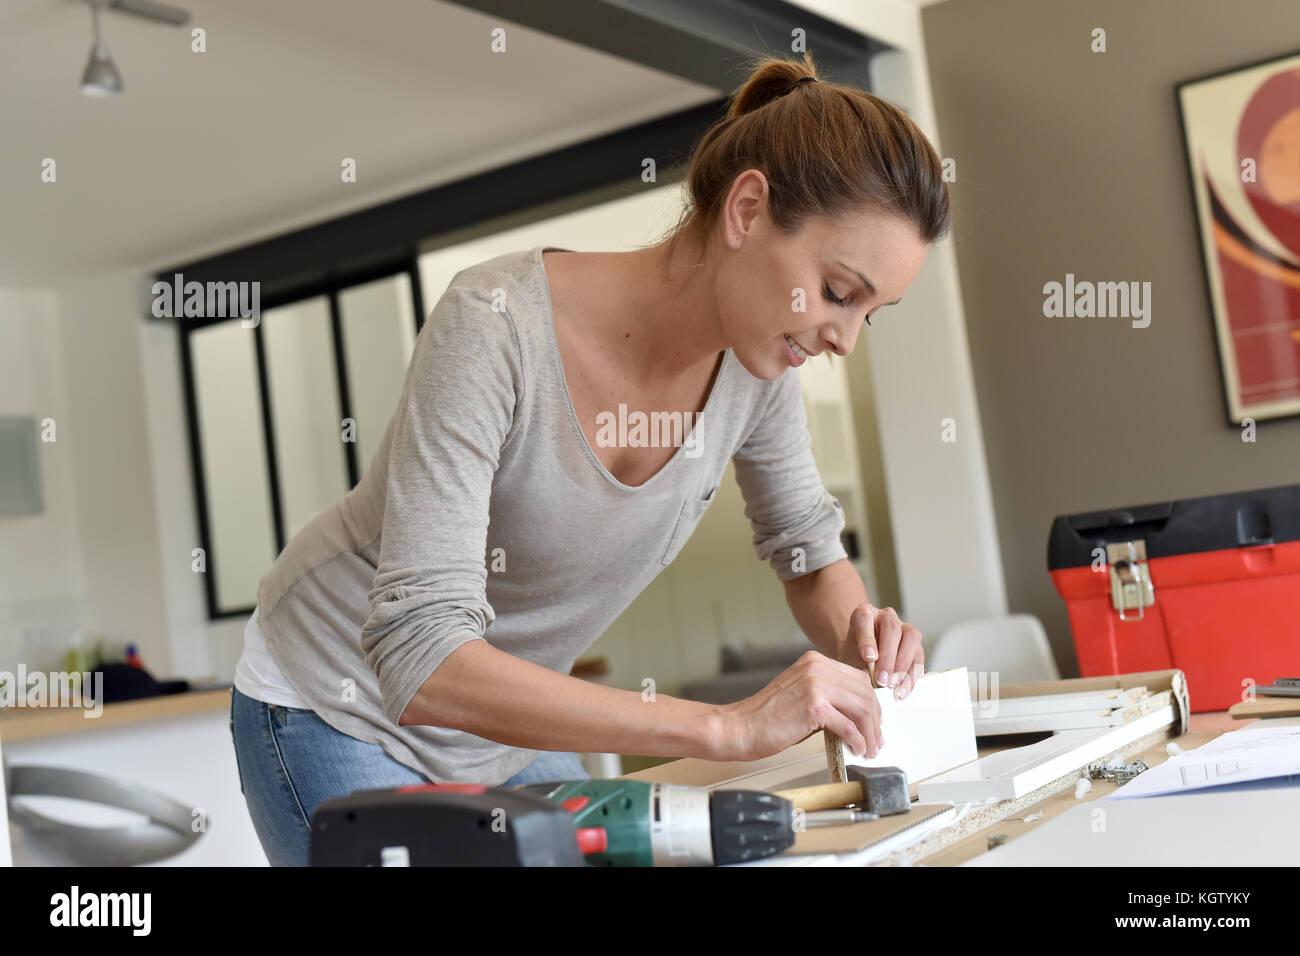 La mujer en el hogar montaje de muebles nuevos Imagen De Stock